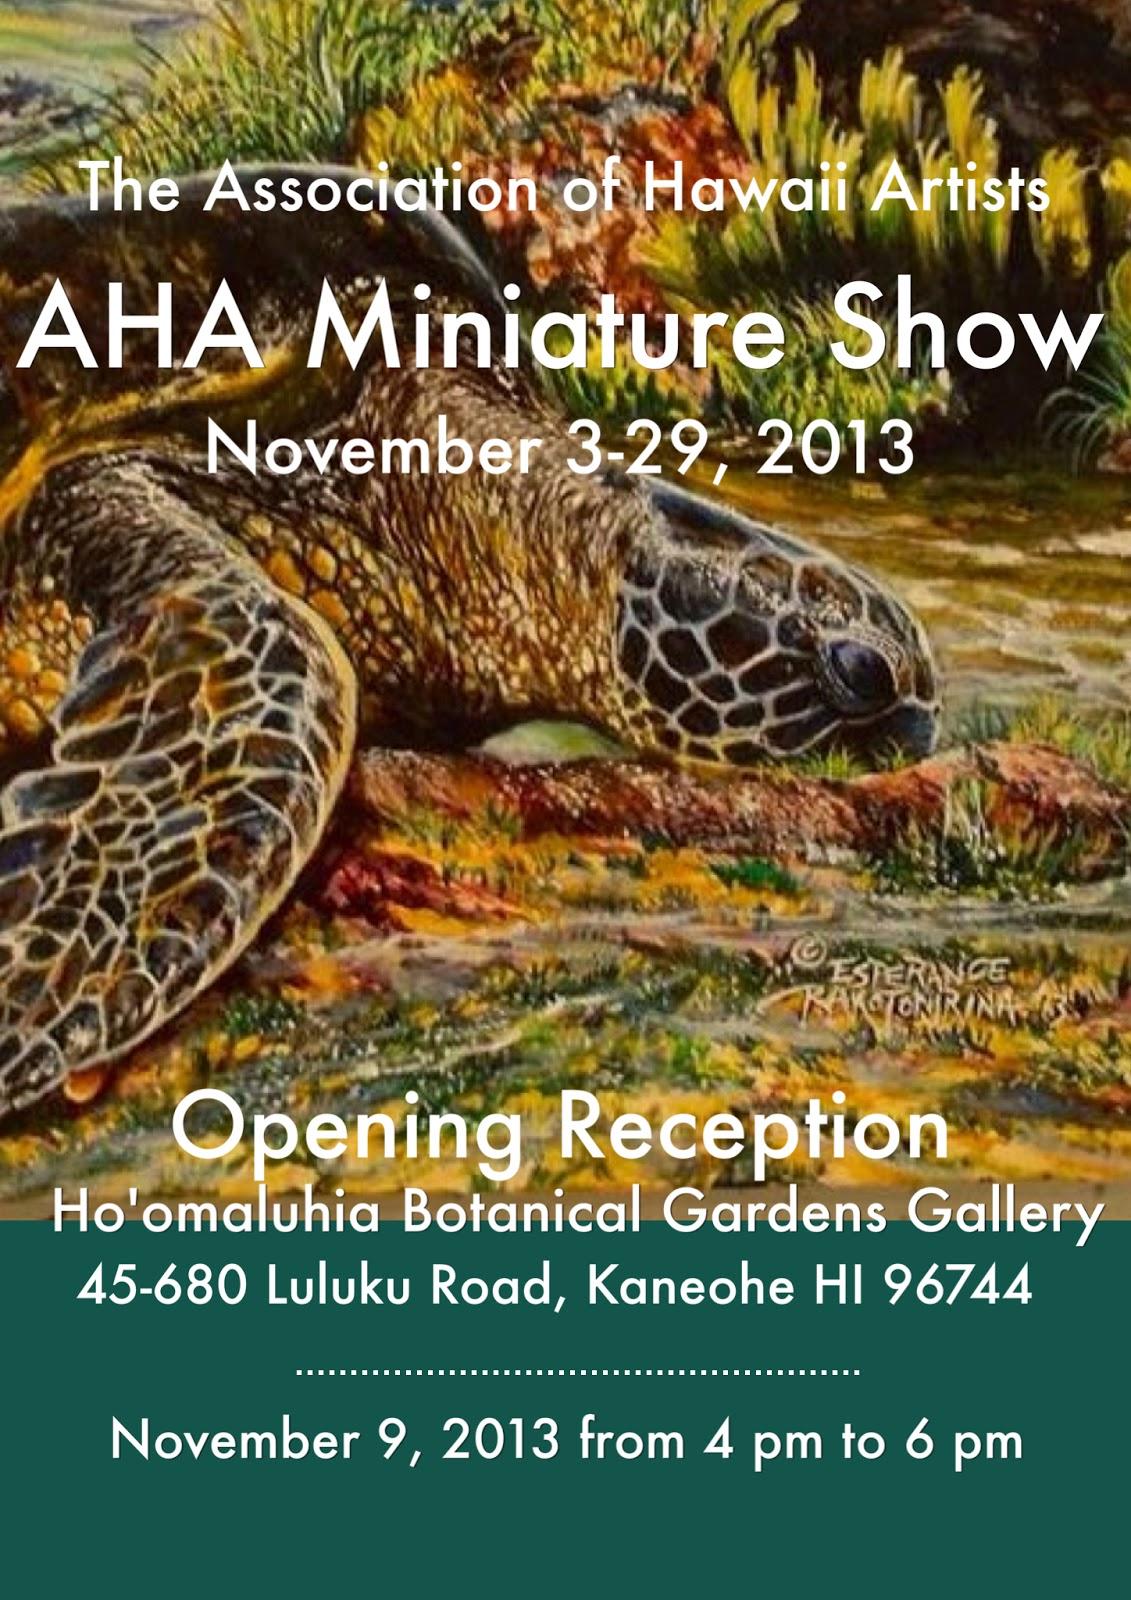 AHA Events Online